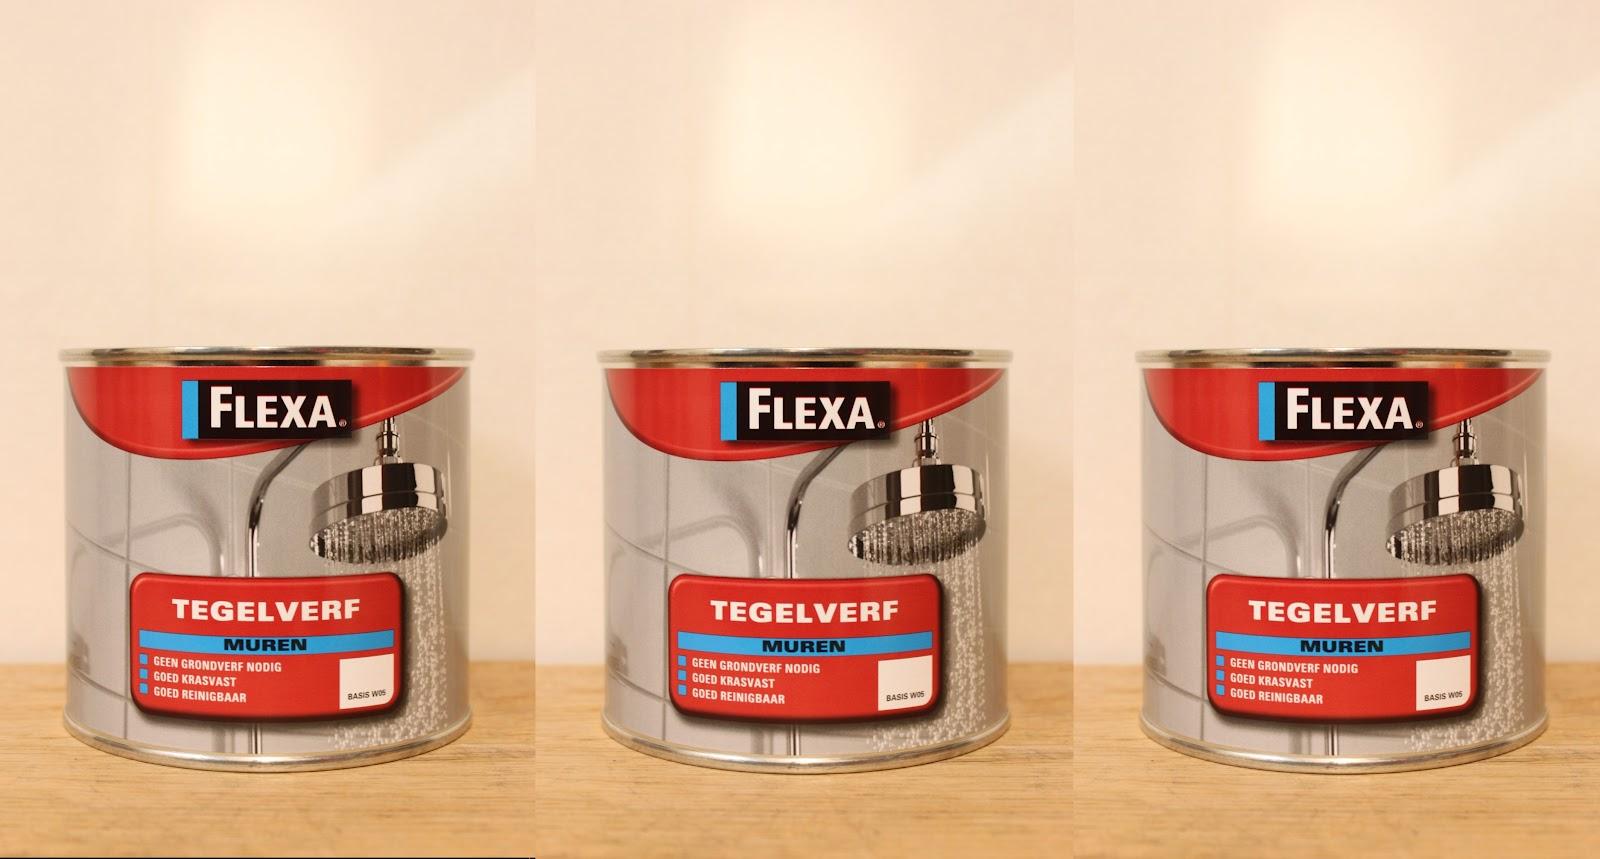 behangloods Wateringen Flexa Tegelverf  lichte kleuren  1,5 liter